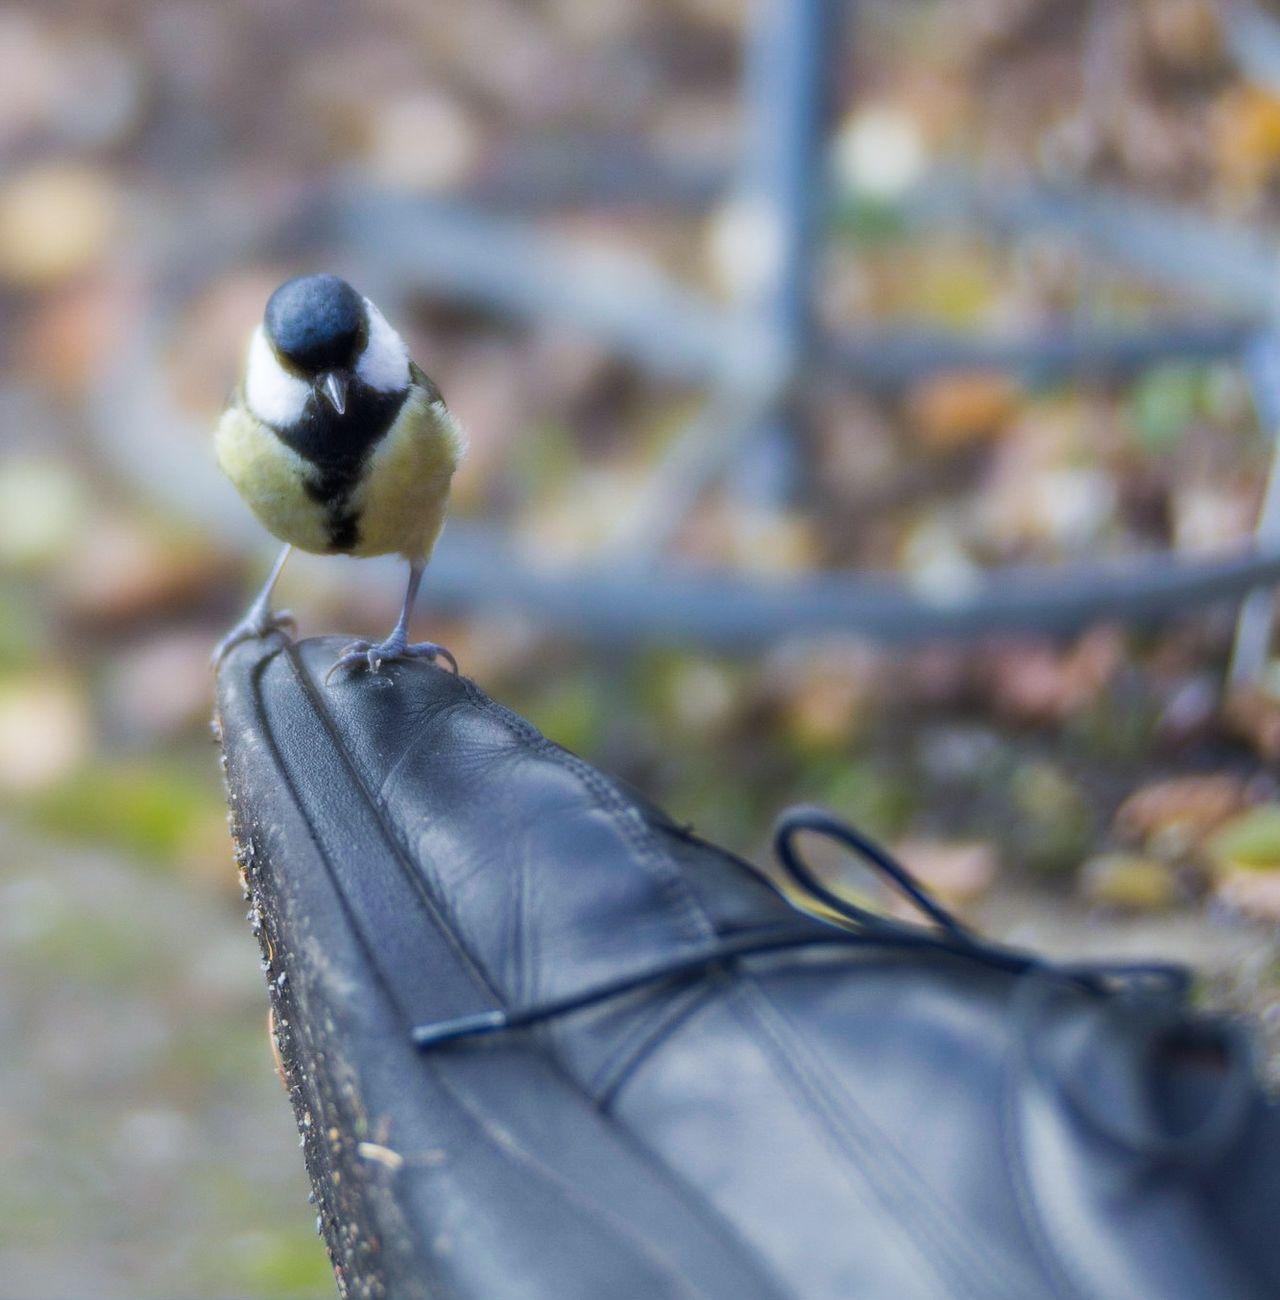 Meise auf Schuh Birdview Bird_on_shoe Neugierige Meise Titmouse Botanical Garden Dresden Botanical Garden